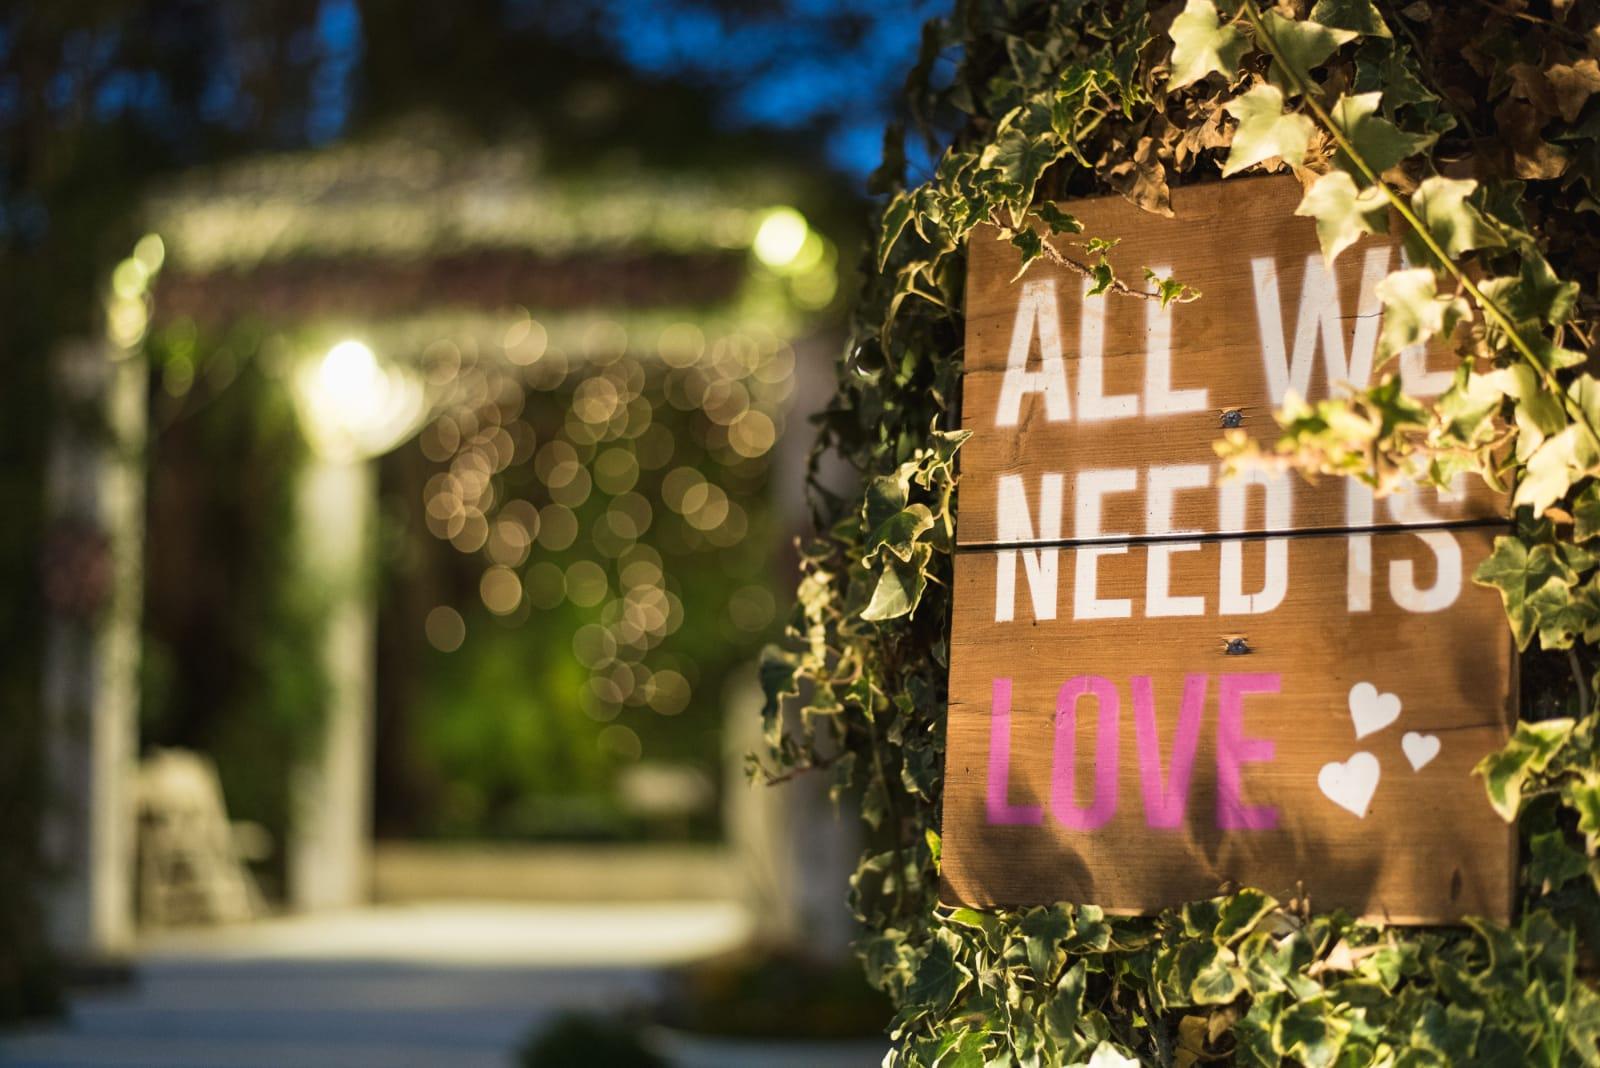 פנינה מעבר לפינה: כך תיצרו תמונות חתונה מושלמות בתוך גן האירועים